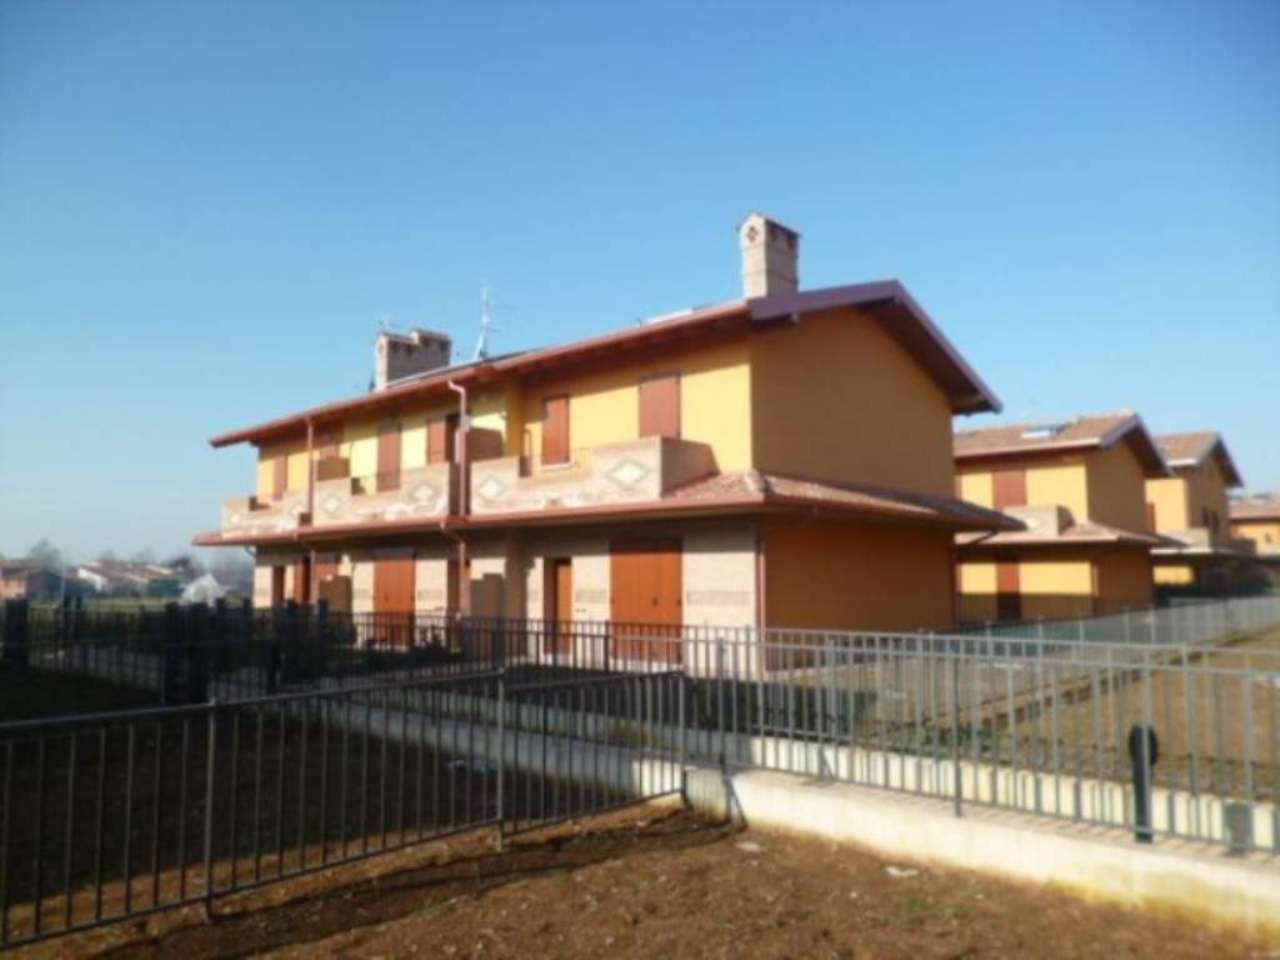 Villa in vendita a Castenedolo, 5 locali, prezzo € 320.500 | CambioCasa.it